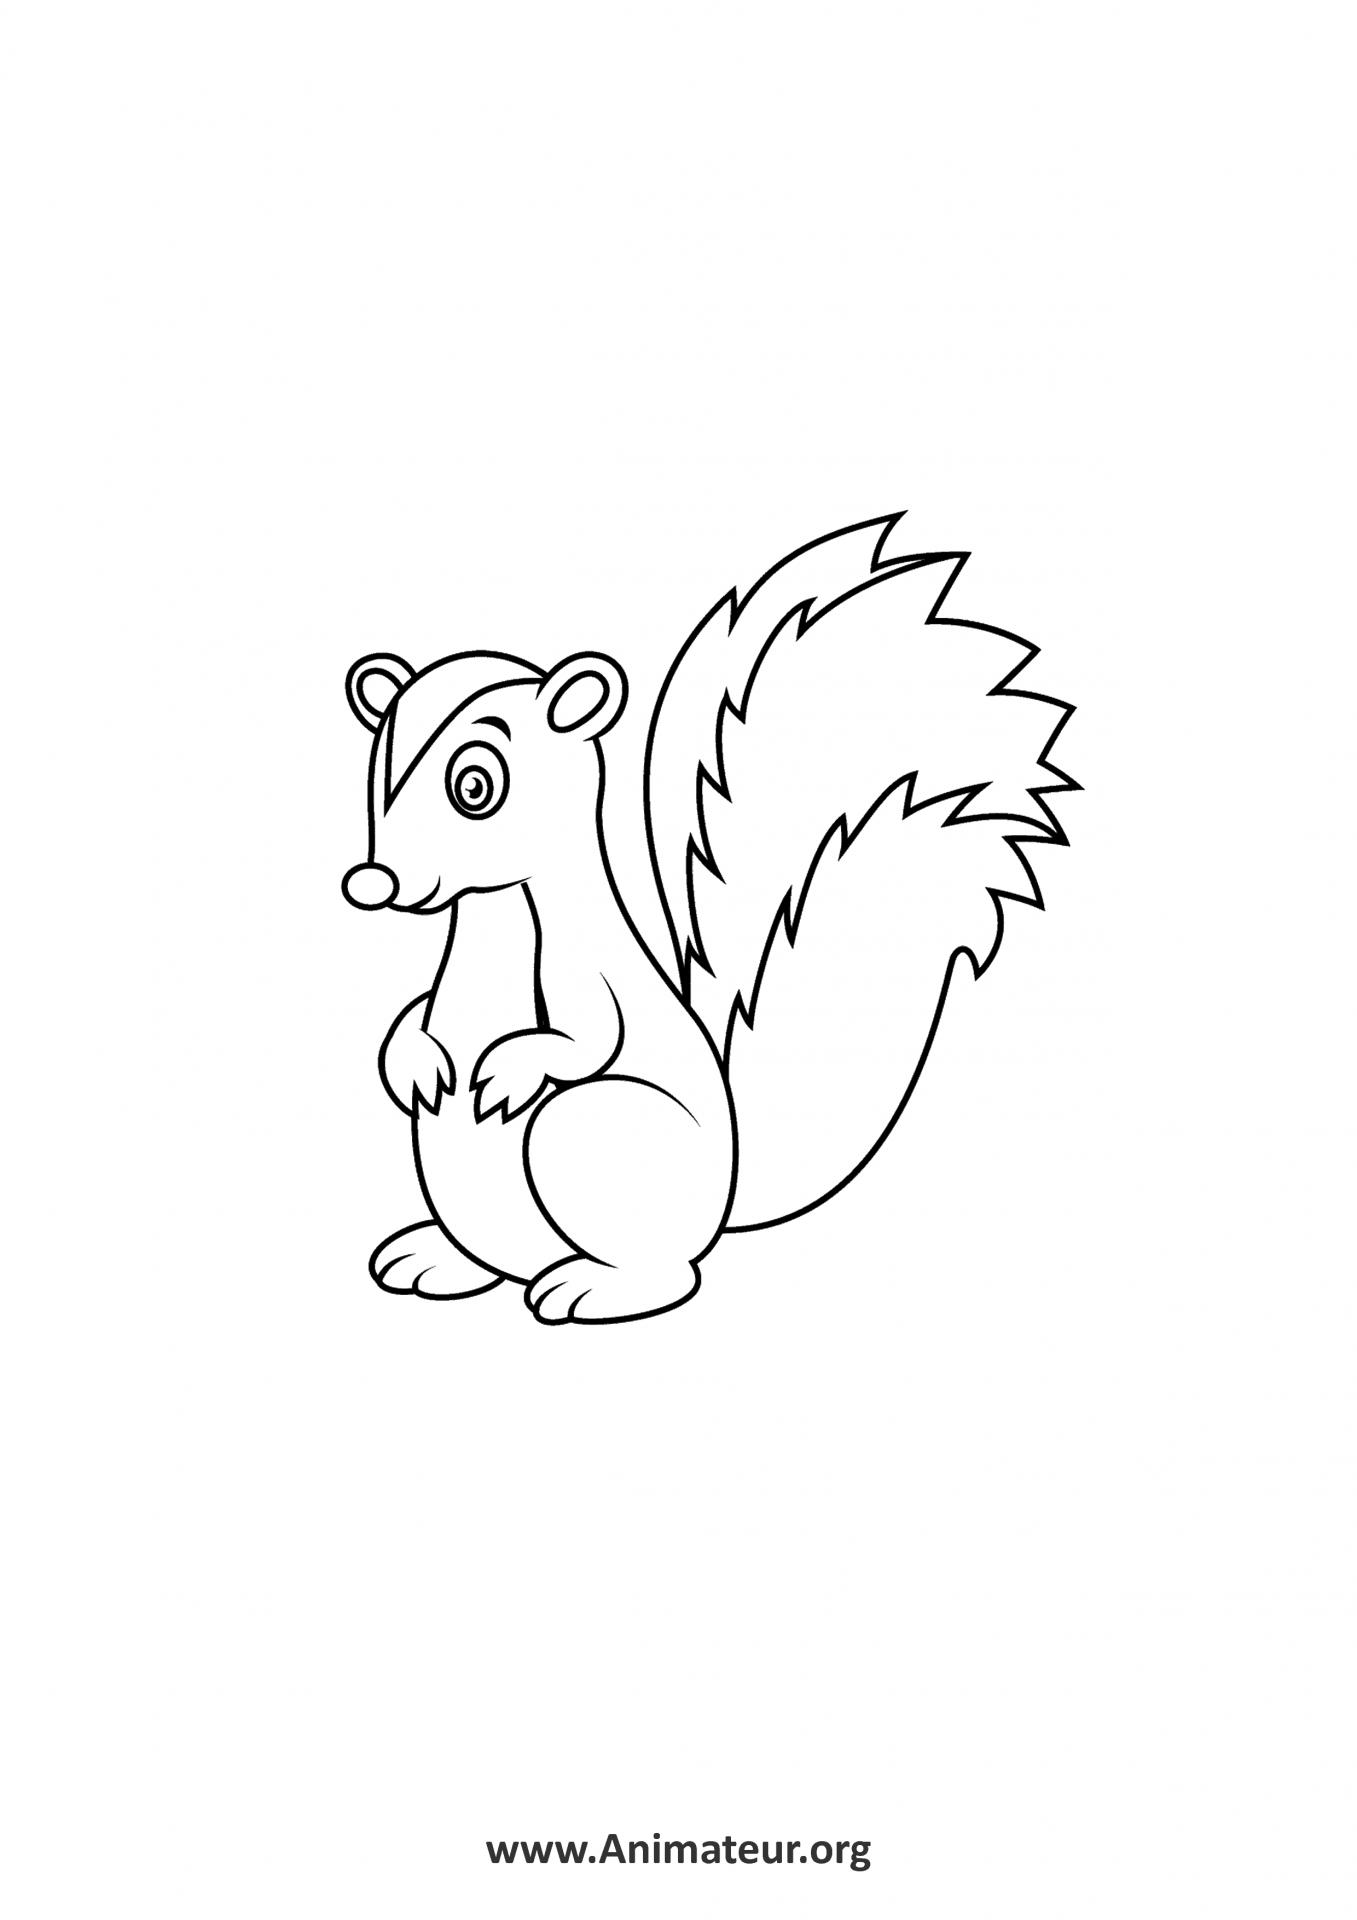 Coloriages d'animaux à imprimer gratuitement pour les enfants